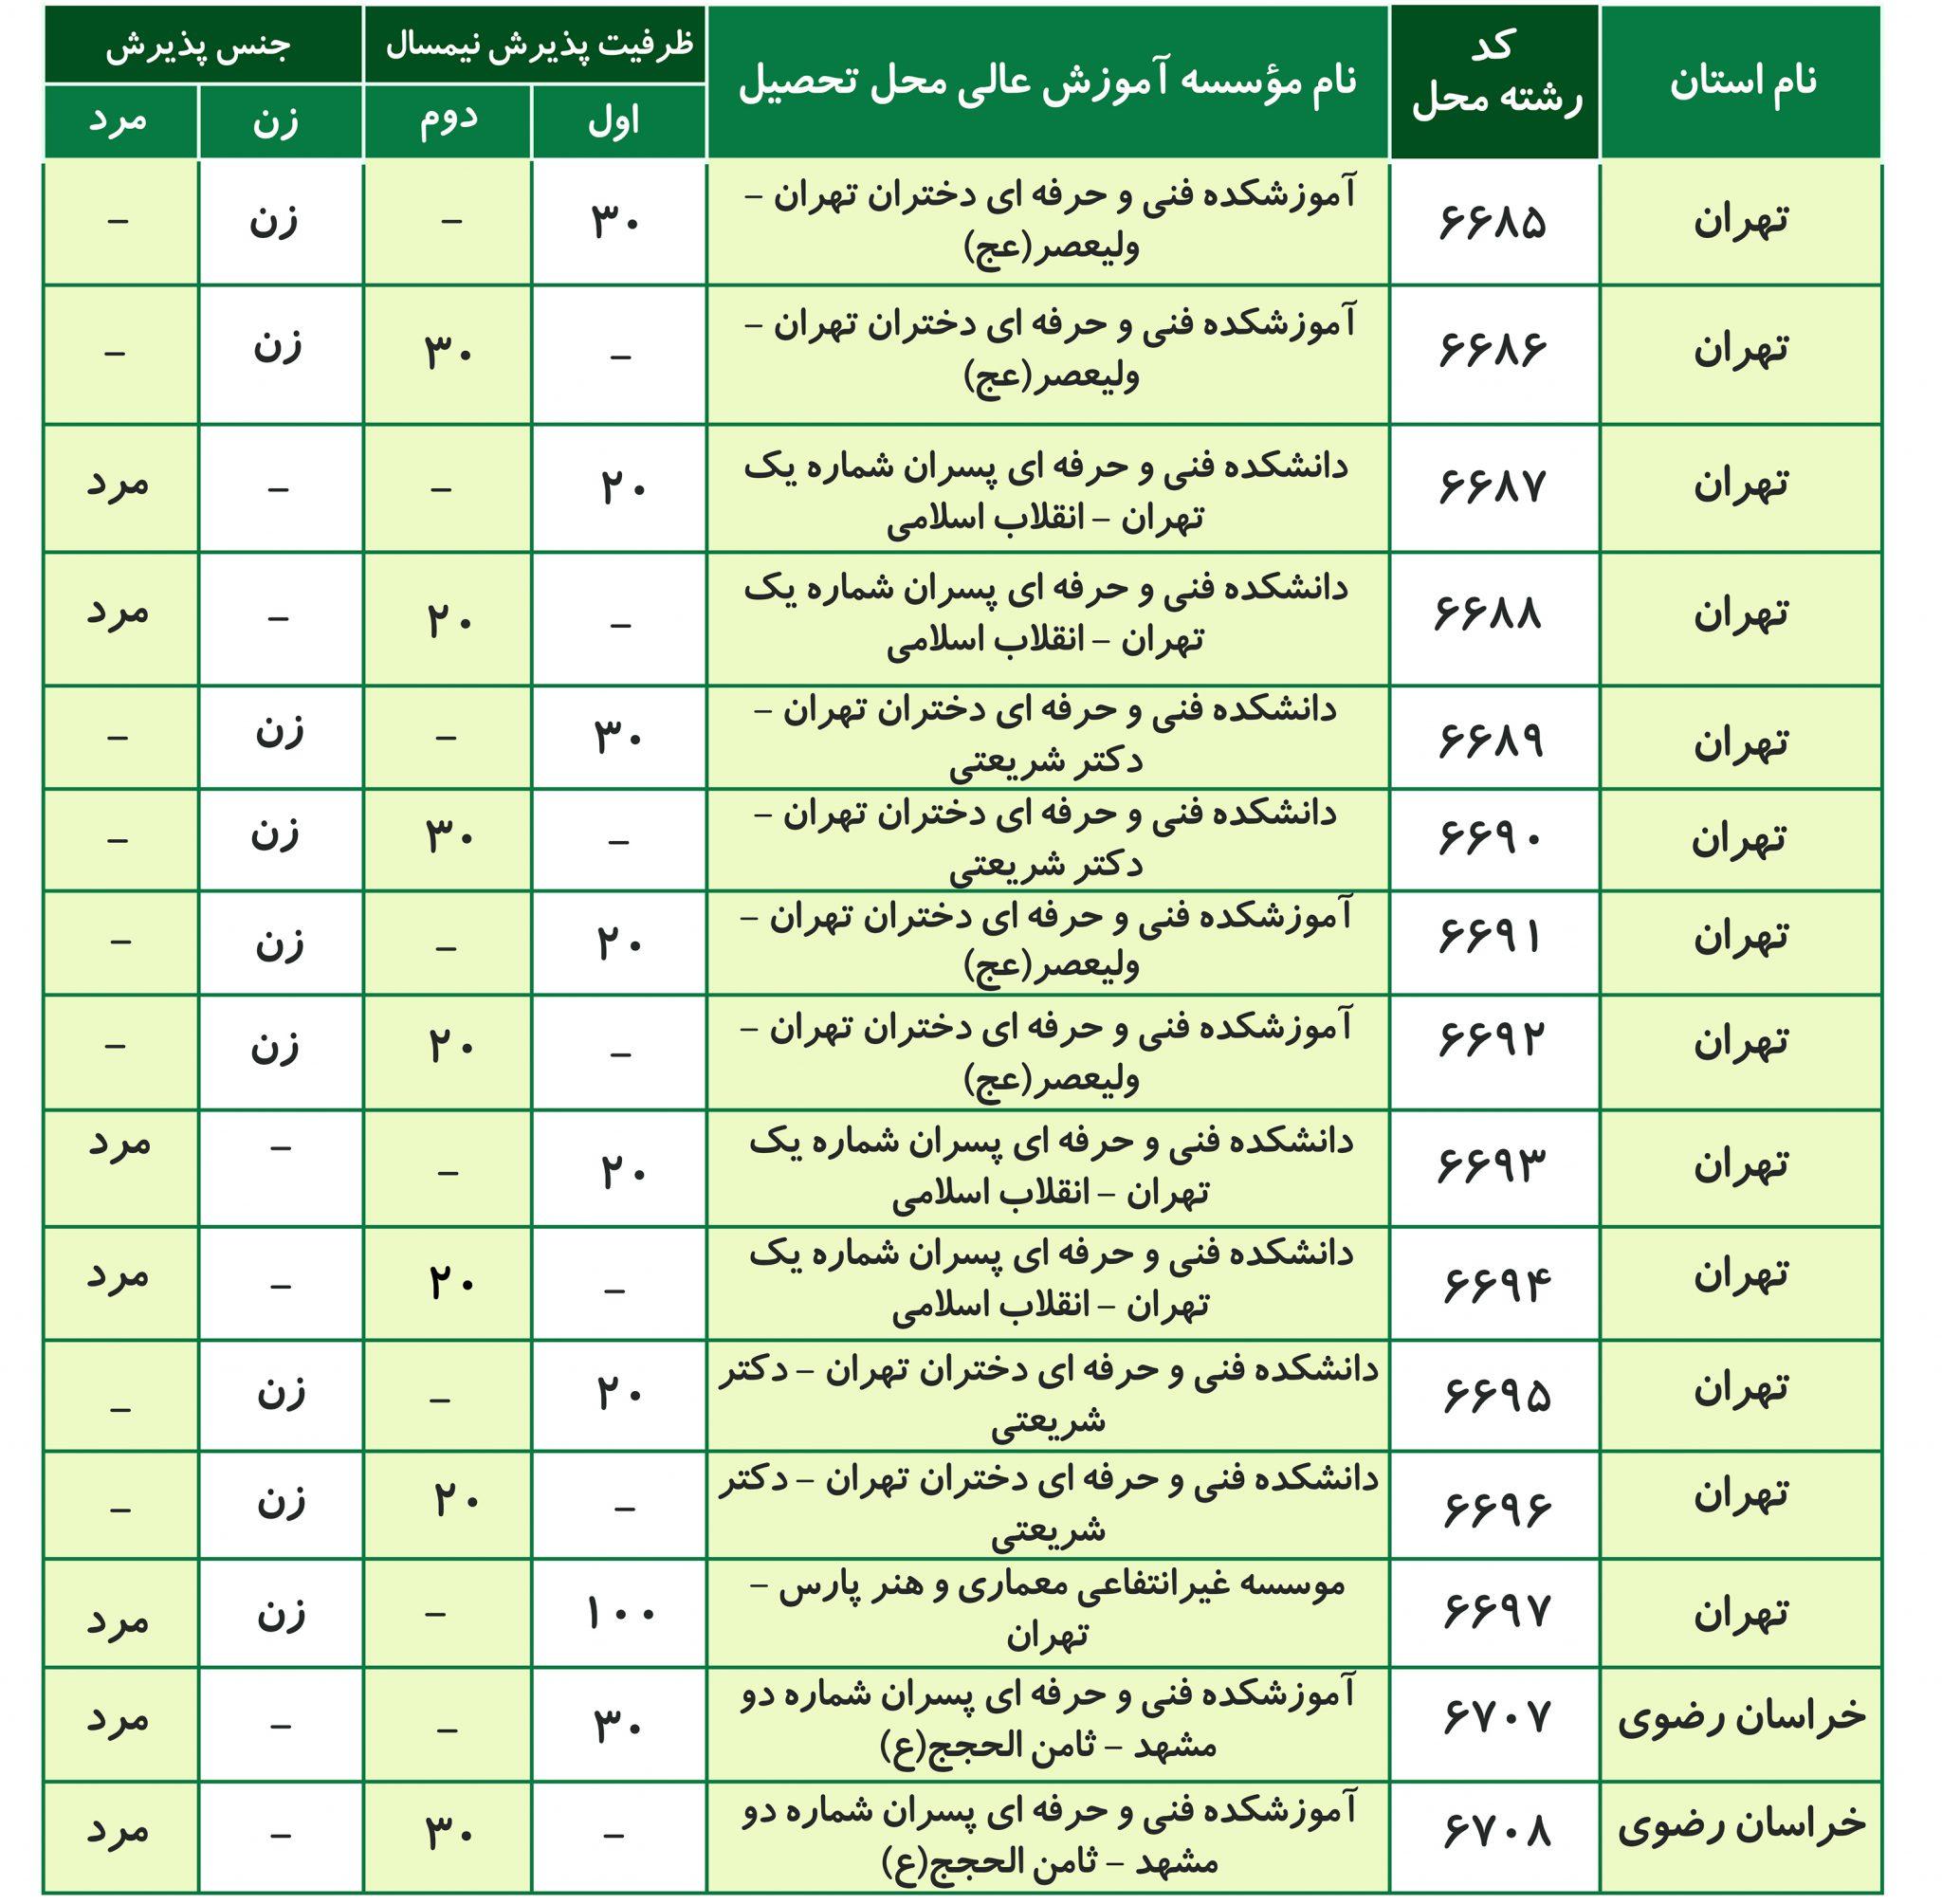 لیست دانشگاه ها